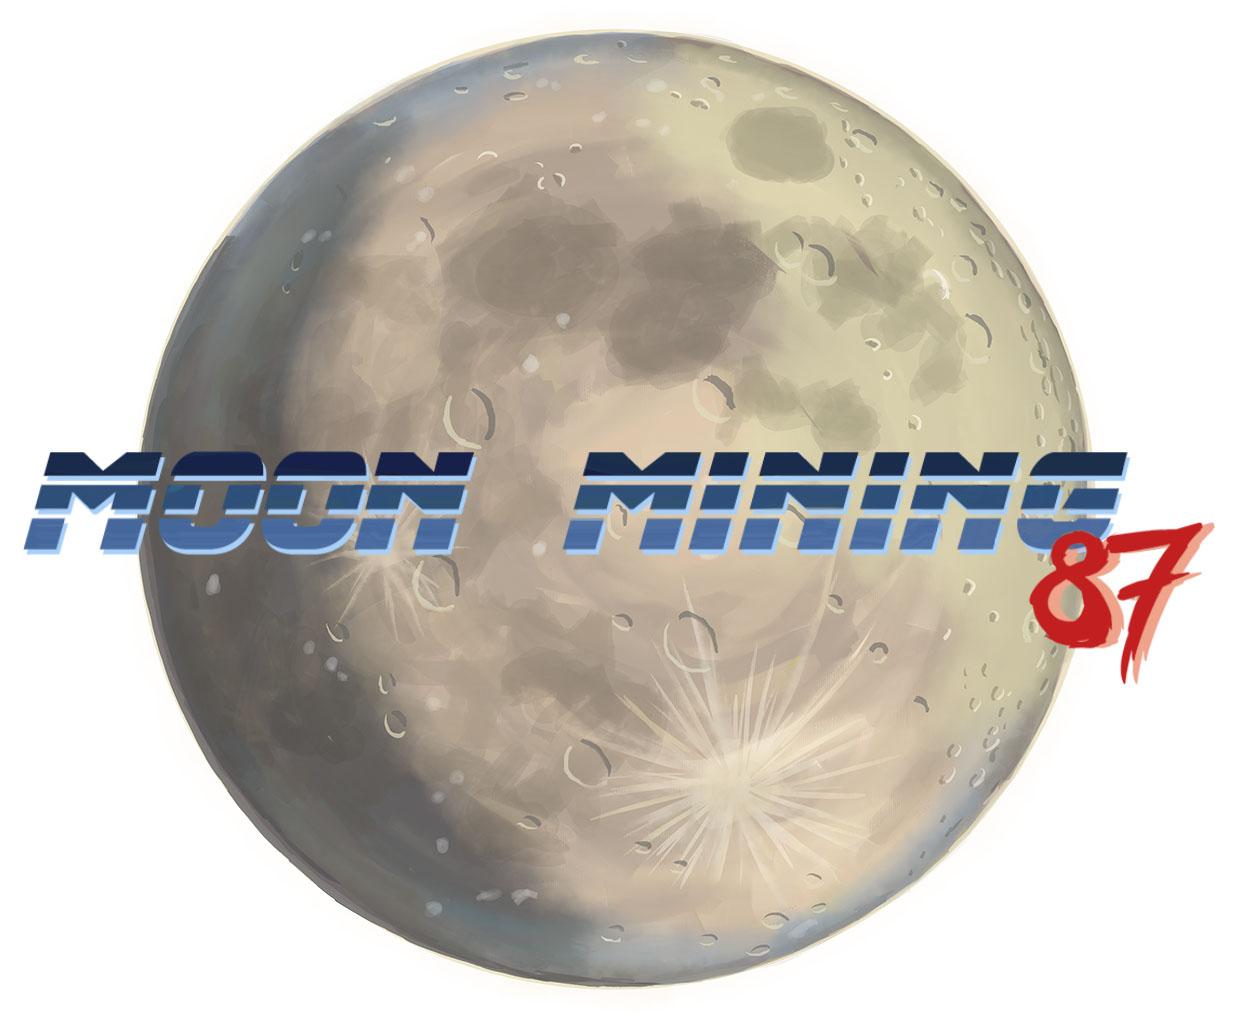 moon mining logo and moon.jpg